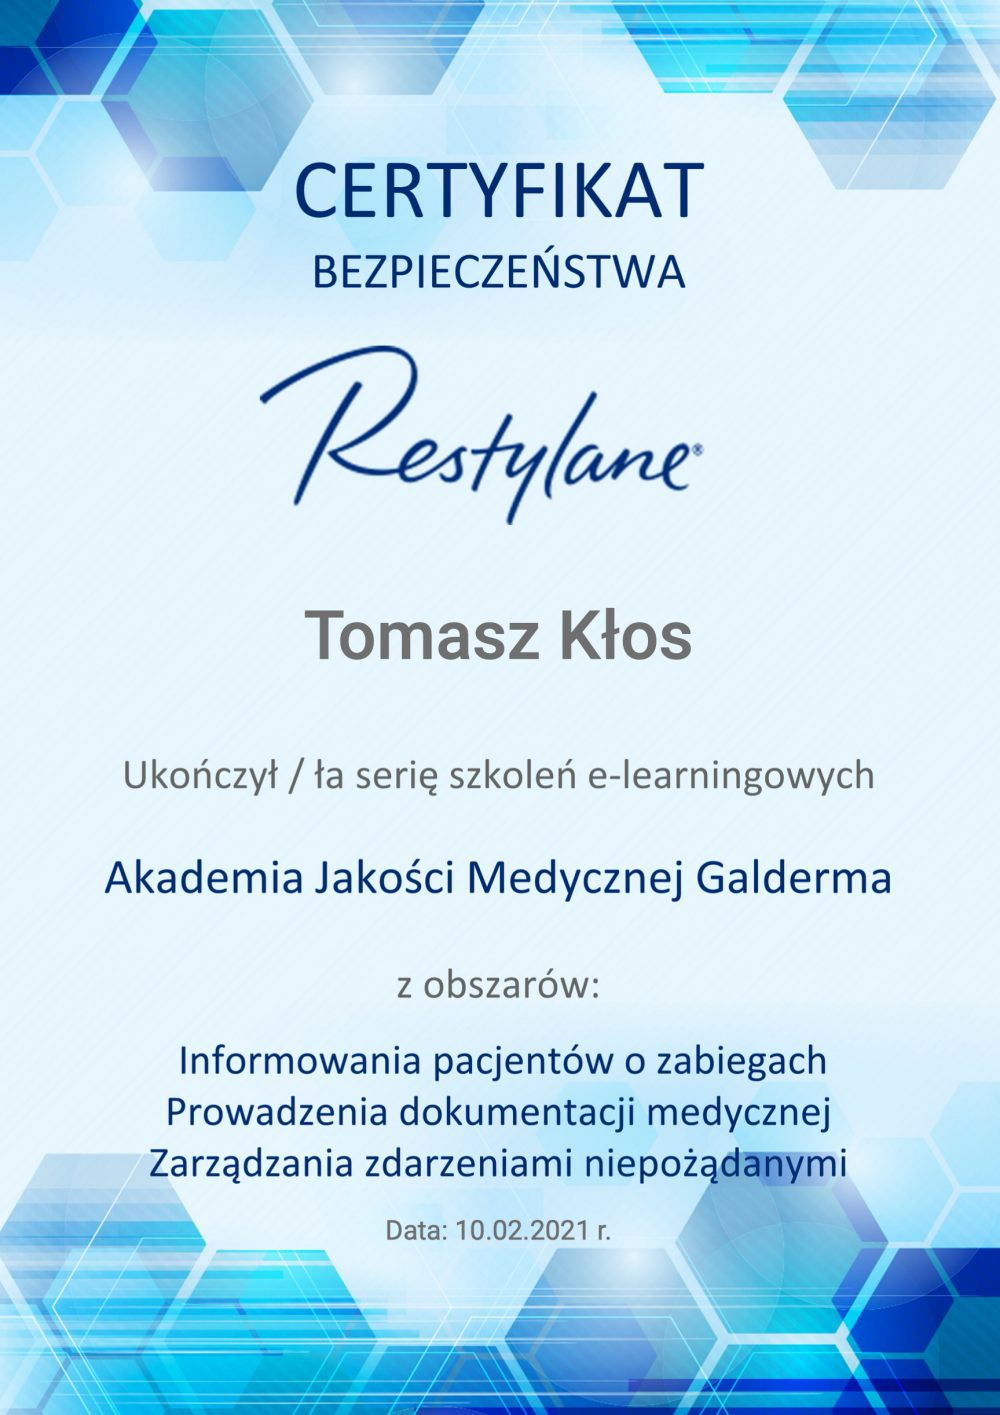 certyfikat-zarzadzanie-dokumentacja-medyczna